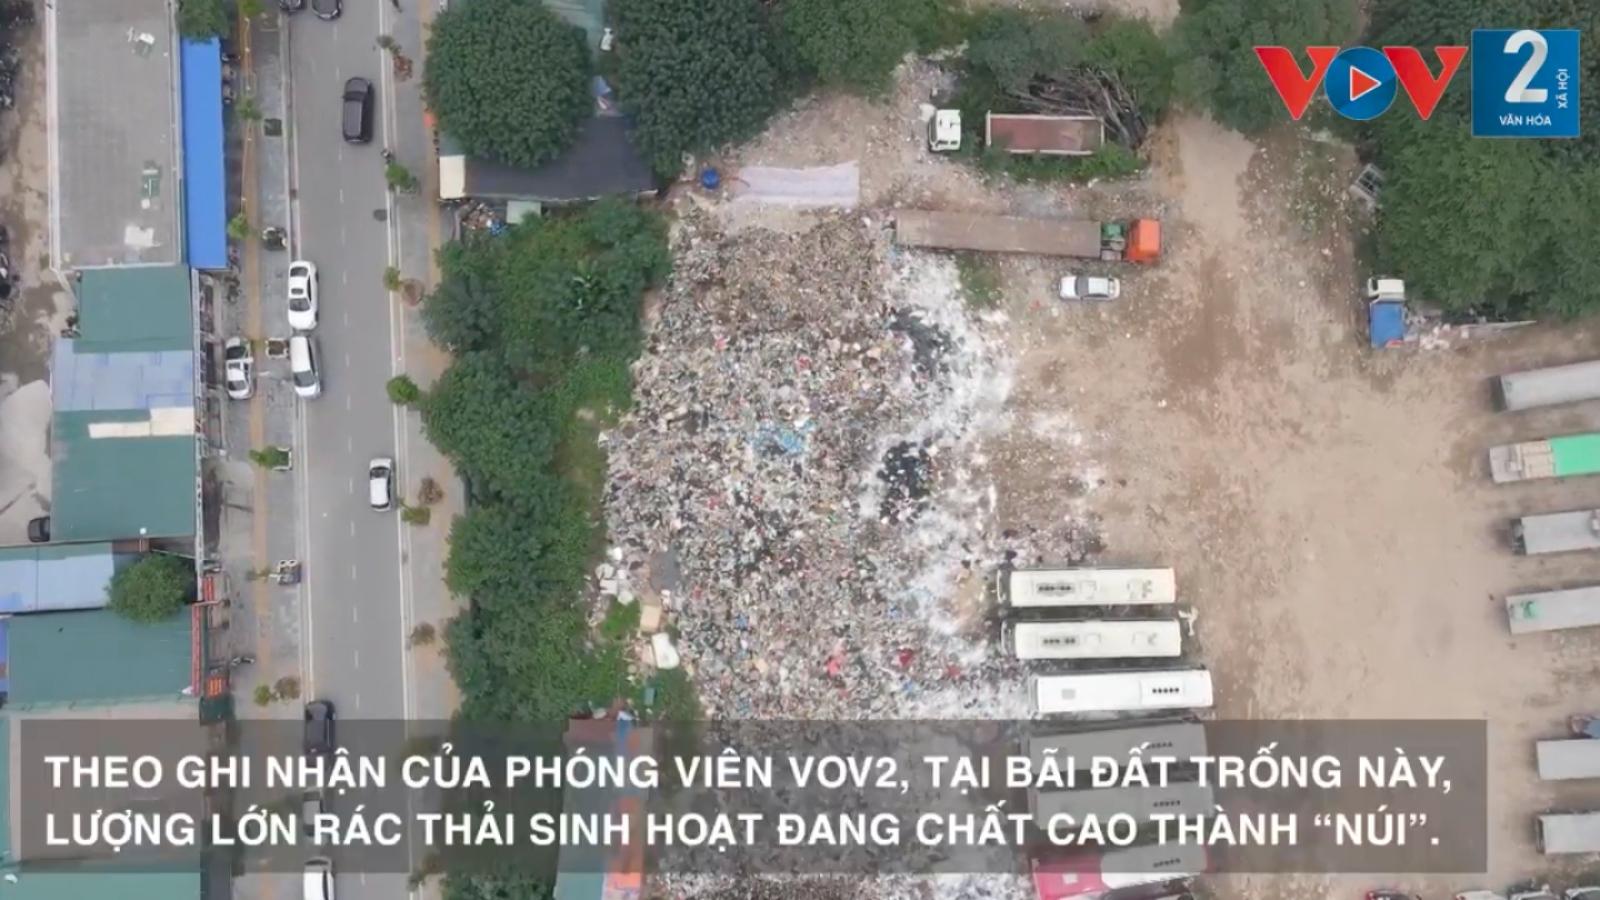 """Hà Nội: """"Núi rác"""" 500 tấn hôi thối giữa trung tâm quận Cầu Giấy"""